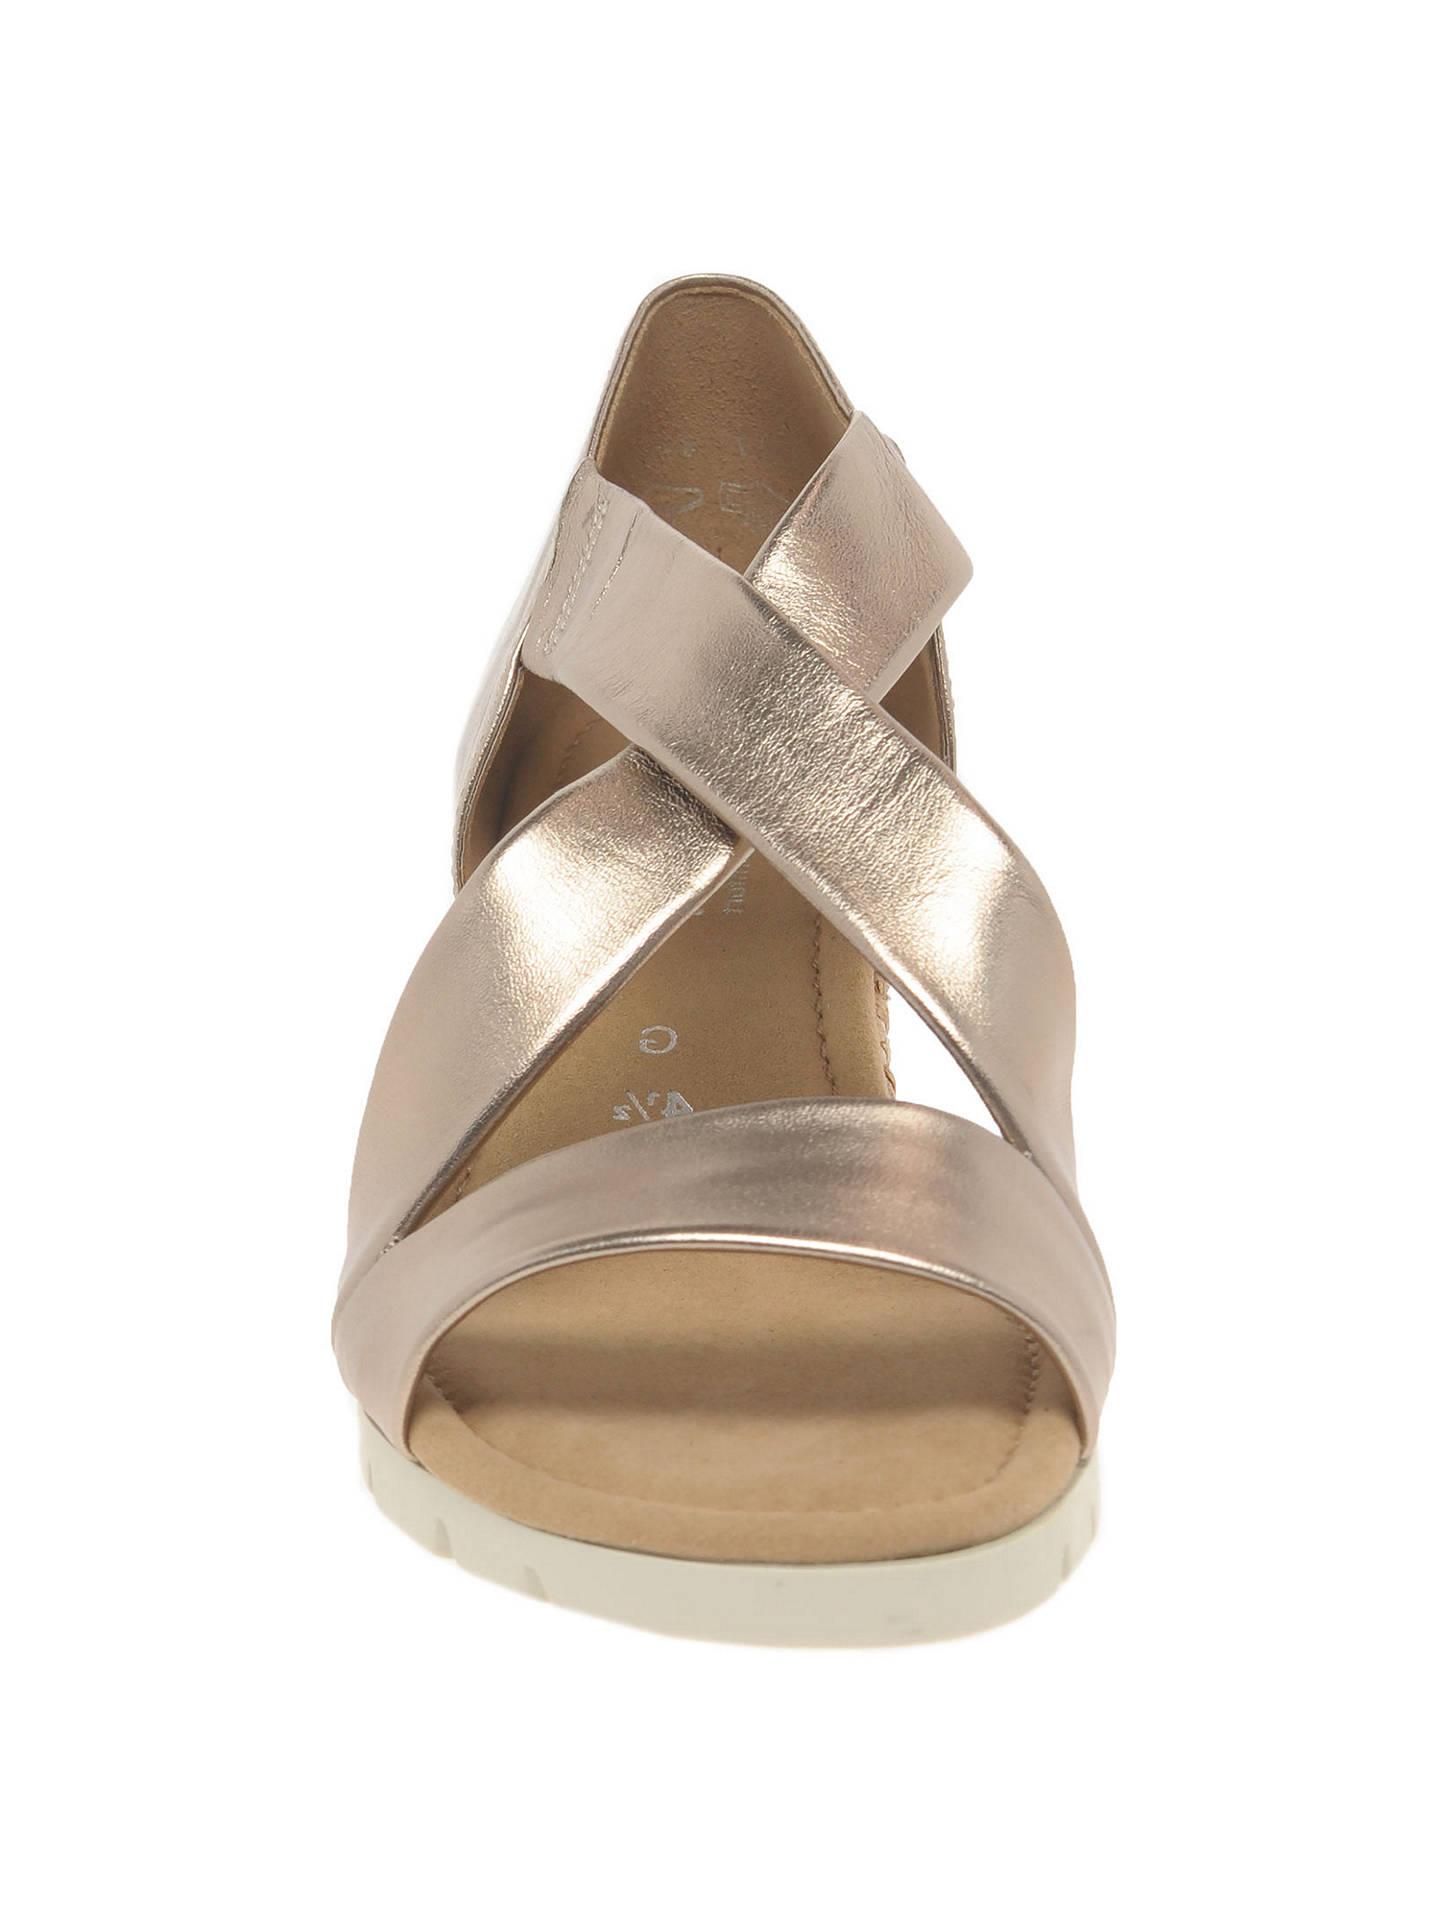 9c4b34a71d0 ... Buy Gabor Lisette Wide Fit Cross Strap Sandals